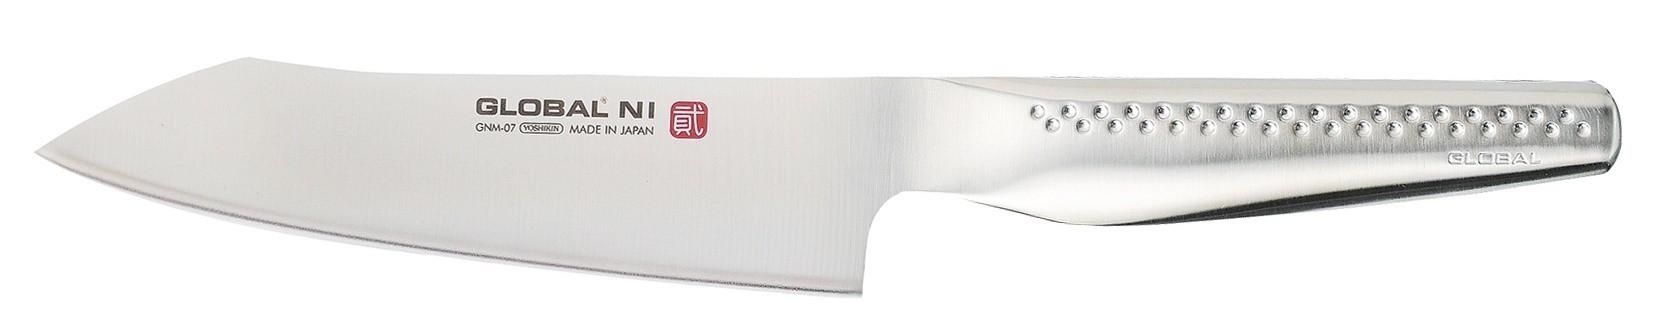 Global Knives NI Series 15cm Vegetable Knife (GNM-07)